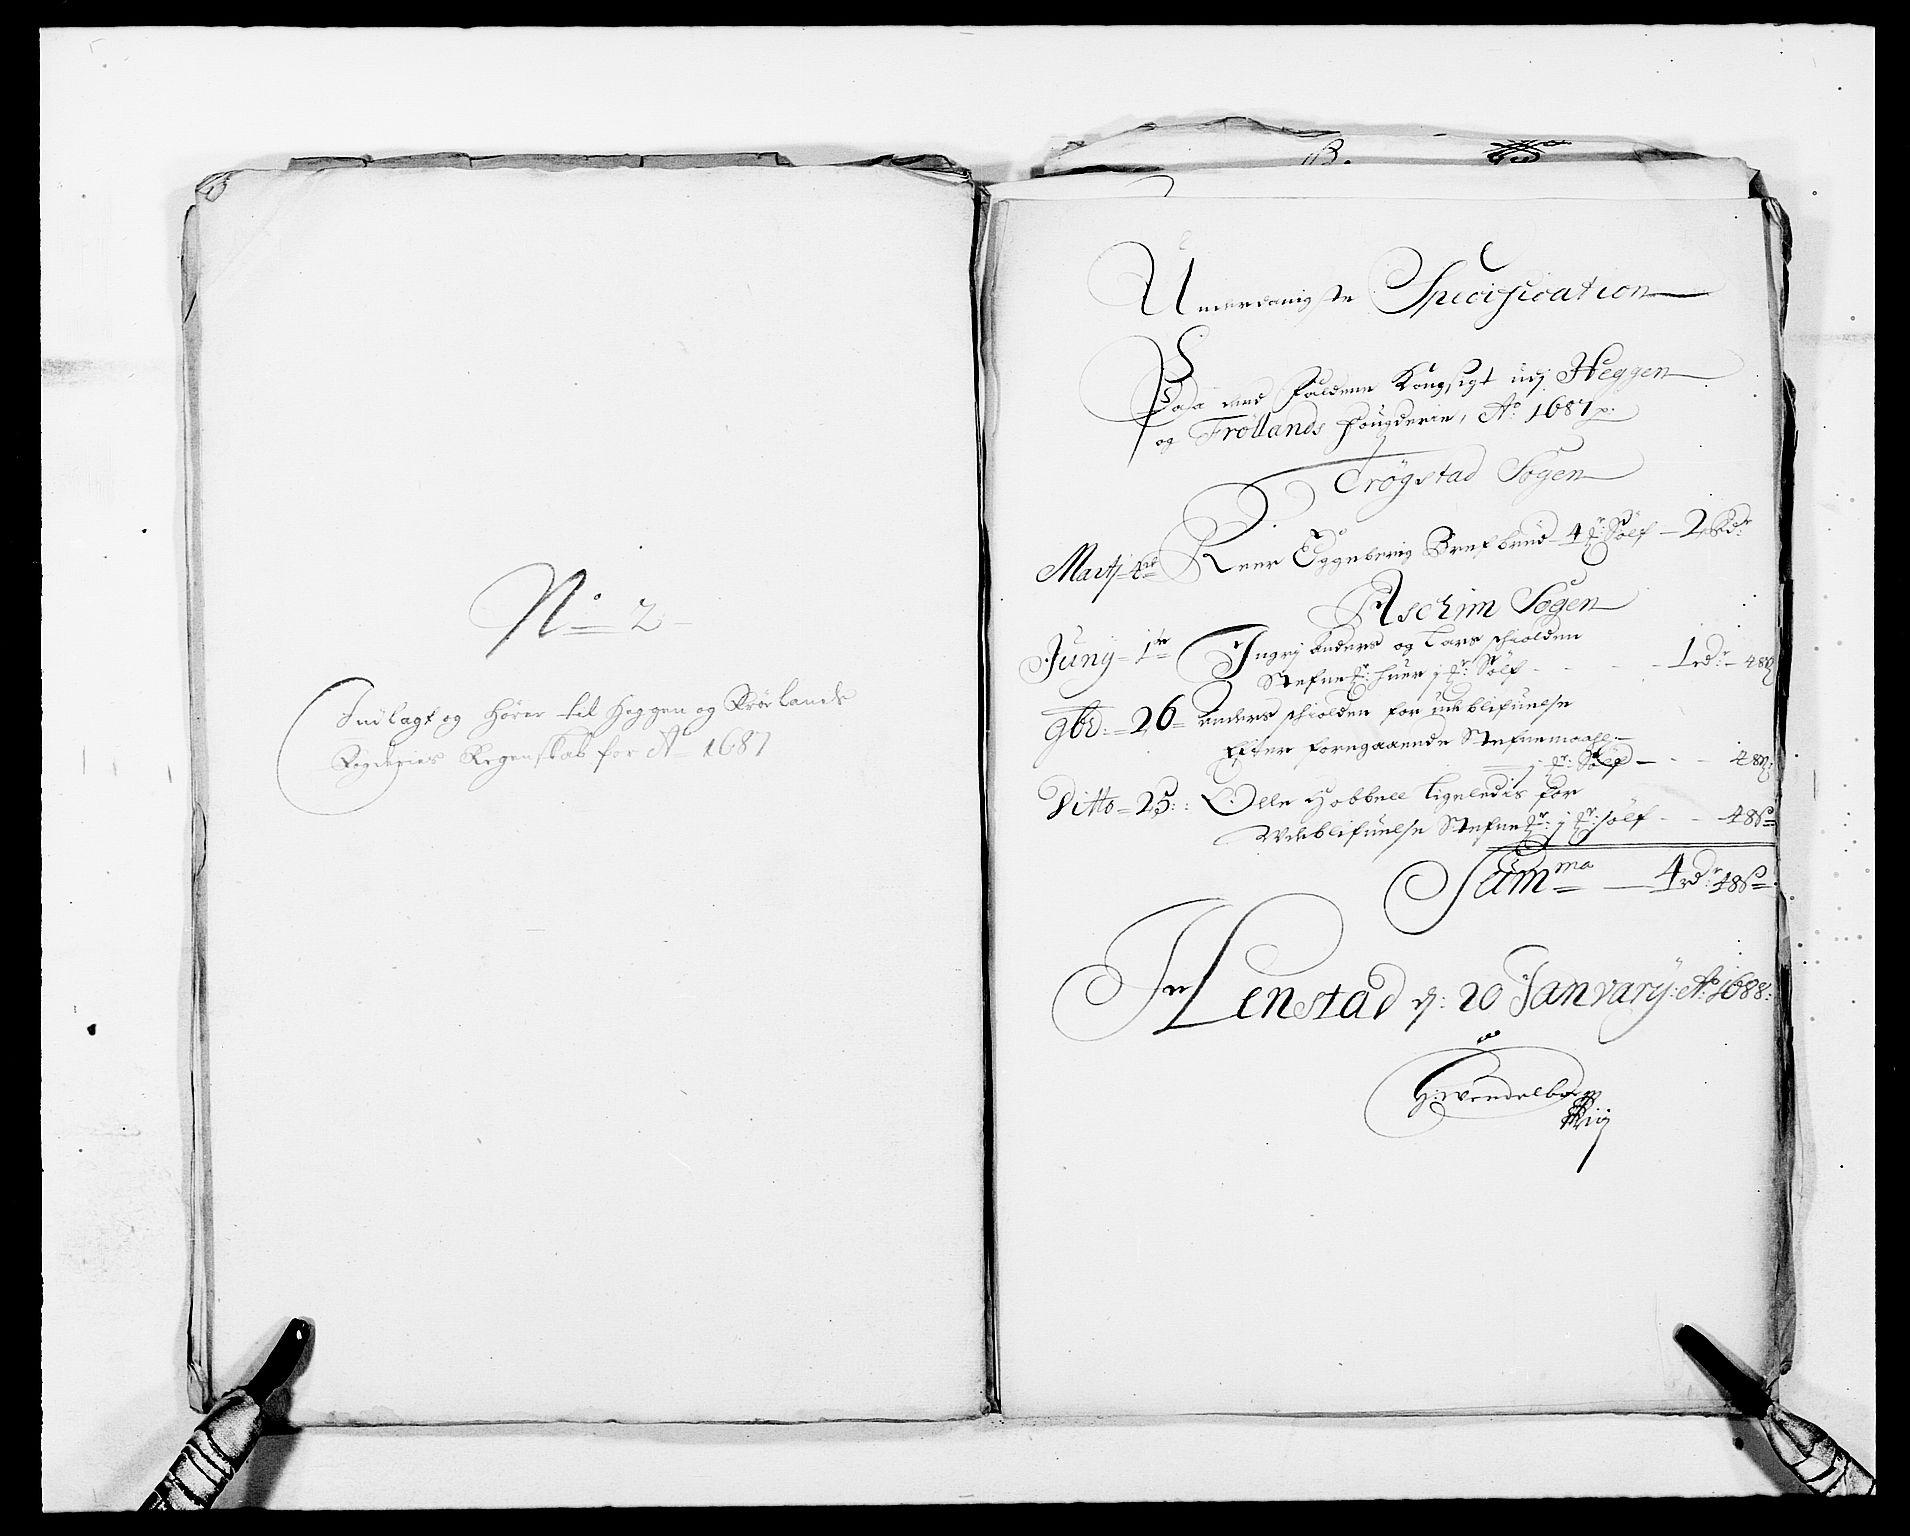 RA, Rentekammeret inntil 1814, Reviderte regnskaper, Fogderegnskap, R06/L0282: Fogderegnskap Heggen og Frøland, 1687-1690, s. 34